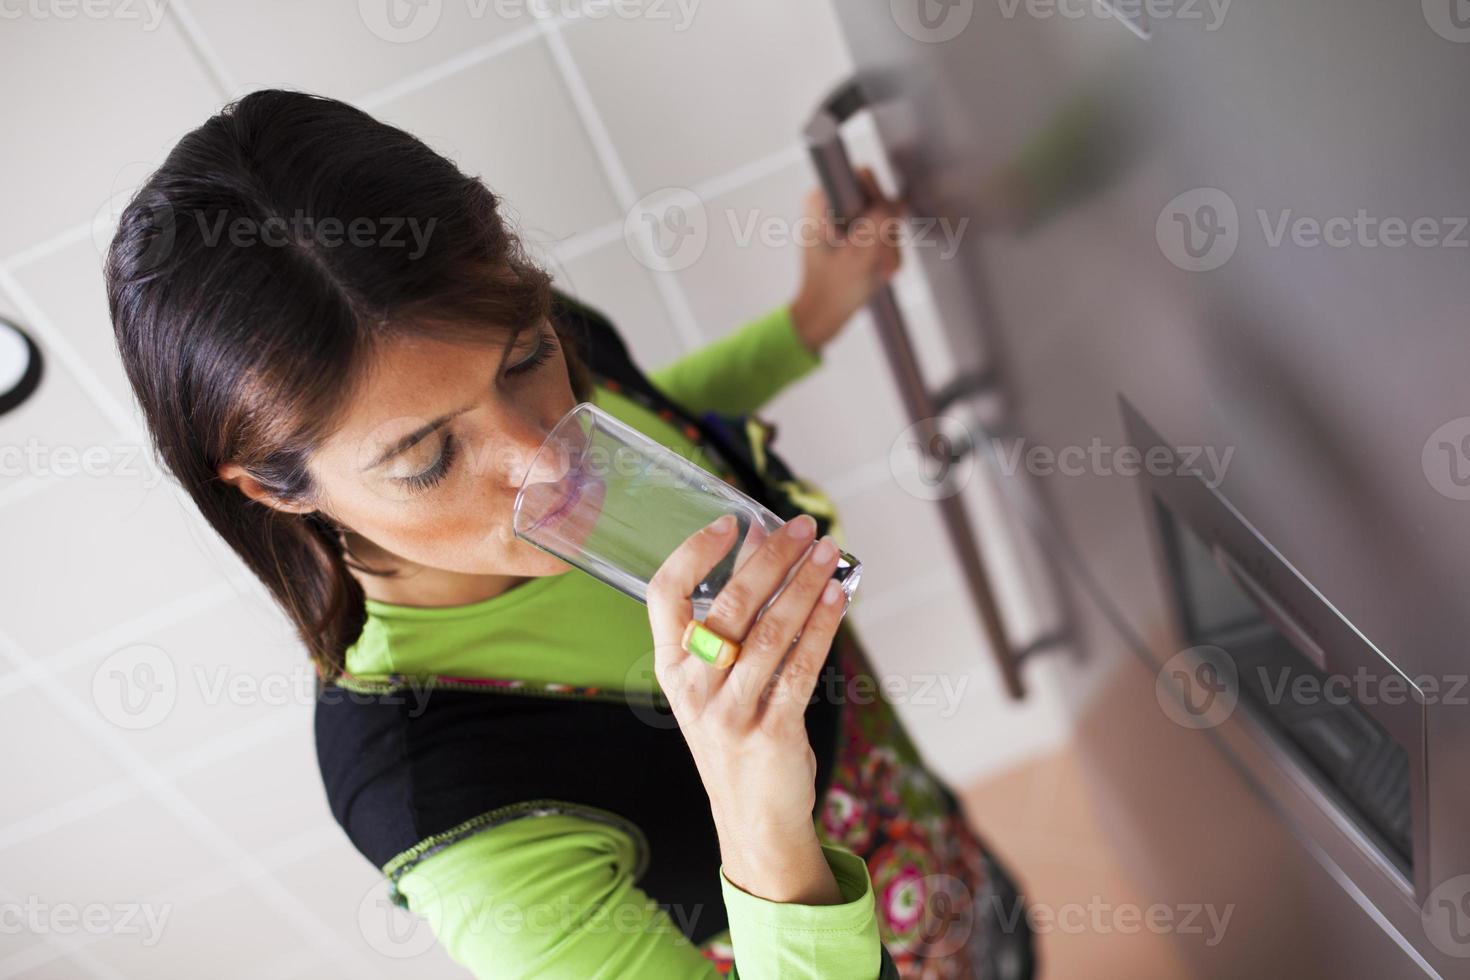 donna che beve acqua dolce foto